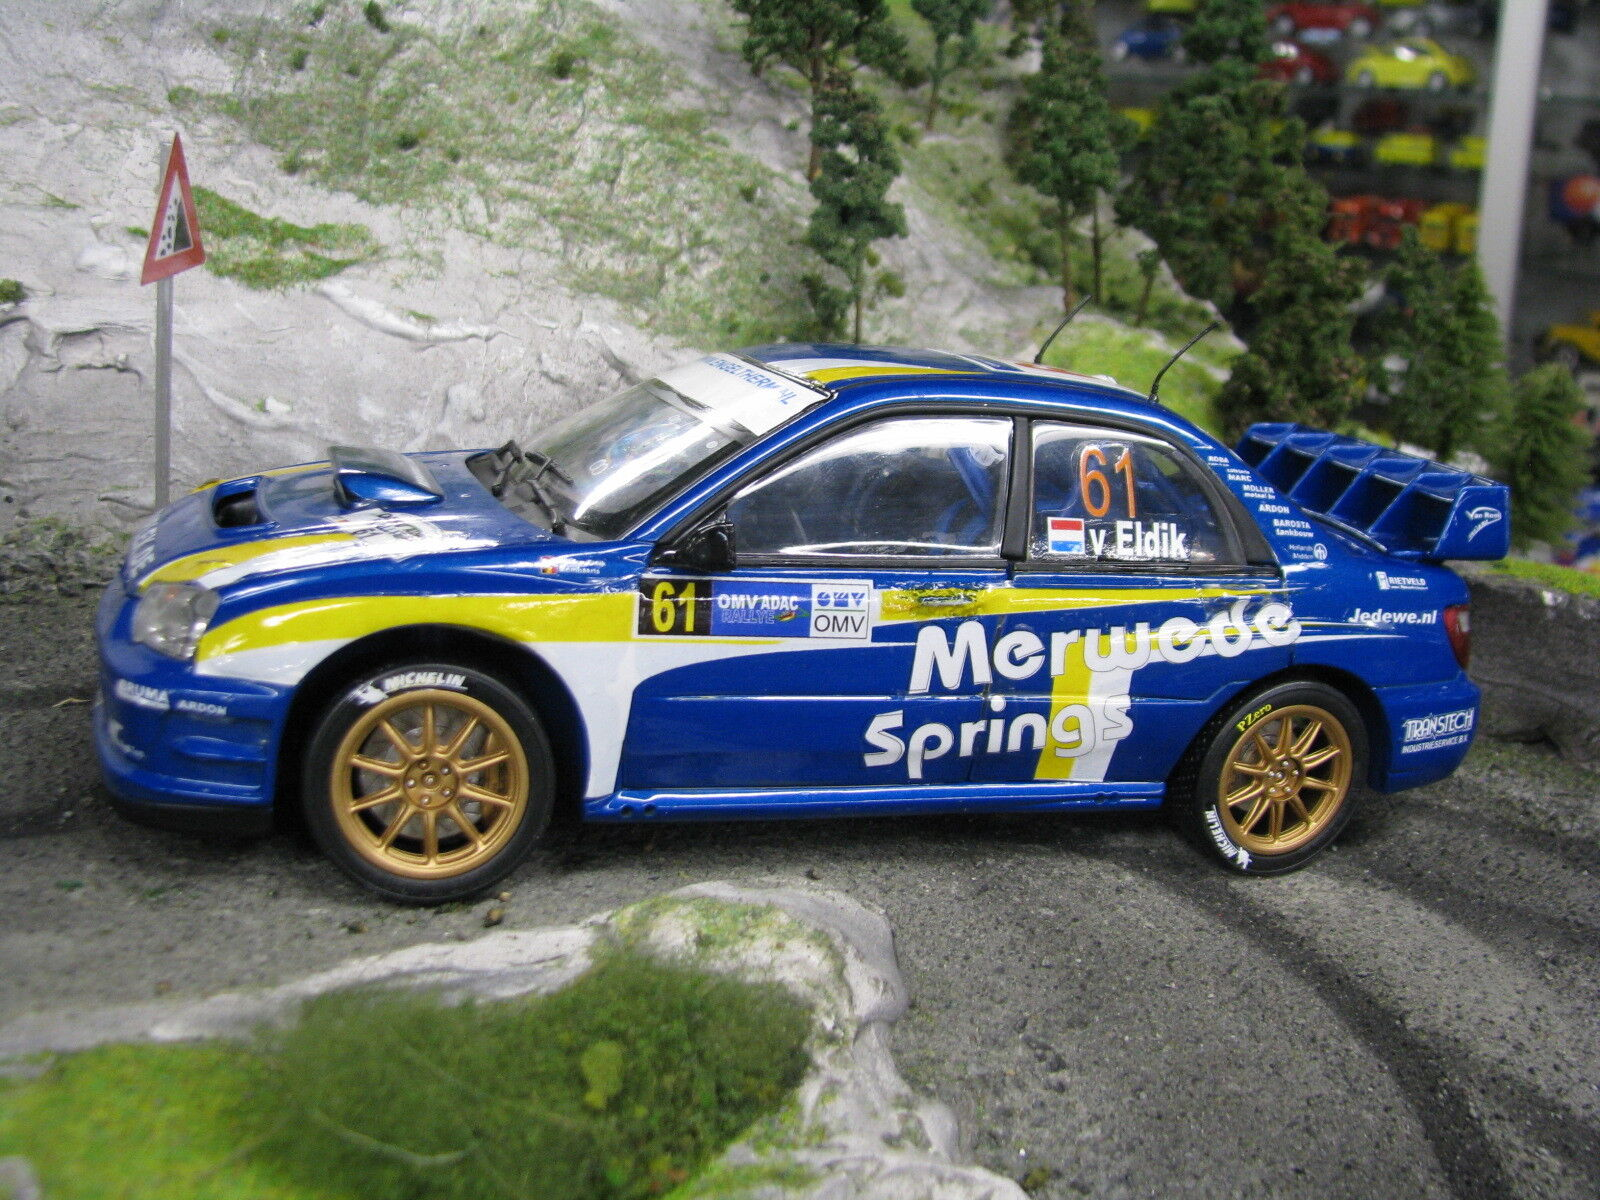 QSP Subaru Impreza S10 WRC WRC WRC '06 1:18 61 van Eldik  Mombaerts Deutschland Rallye c0821f